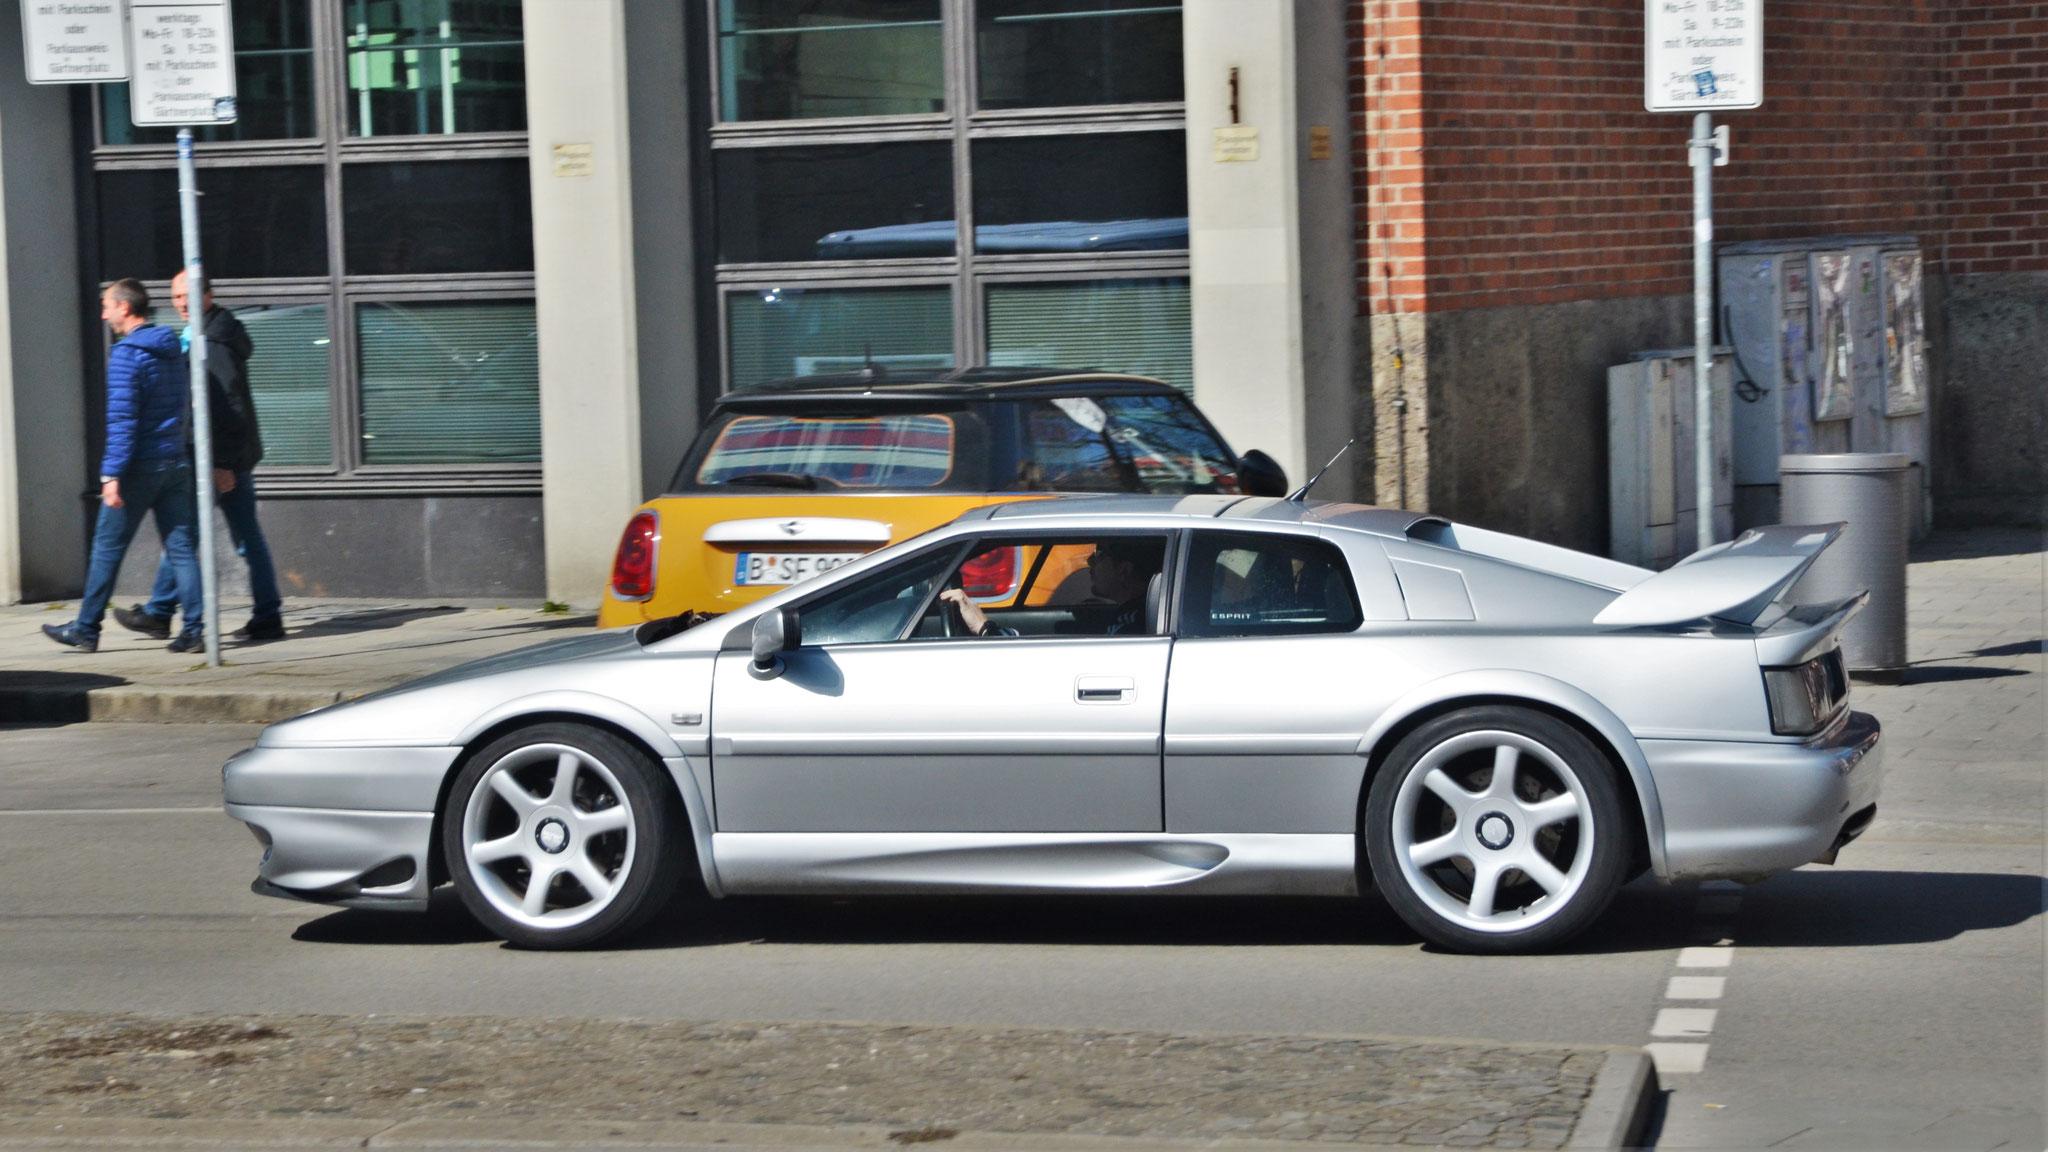 Lotus Esprit V8 - BE-625-KM-75 (FRA)